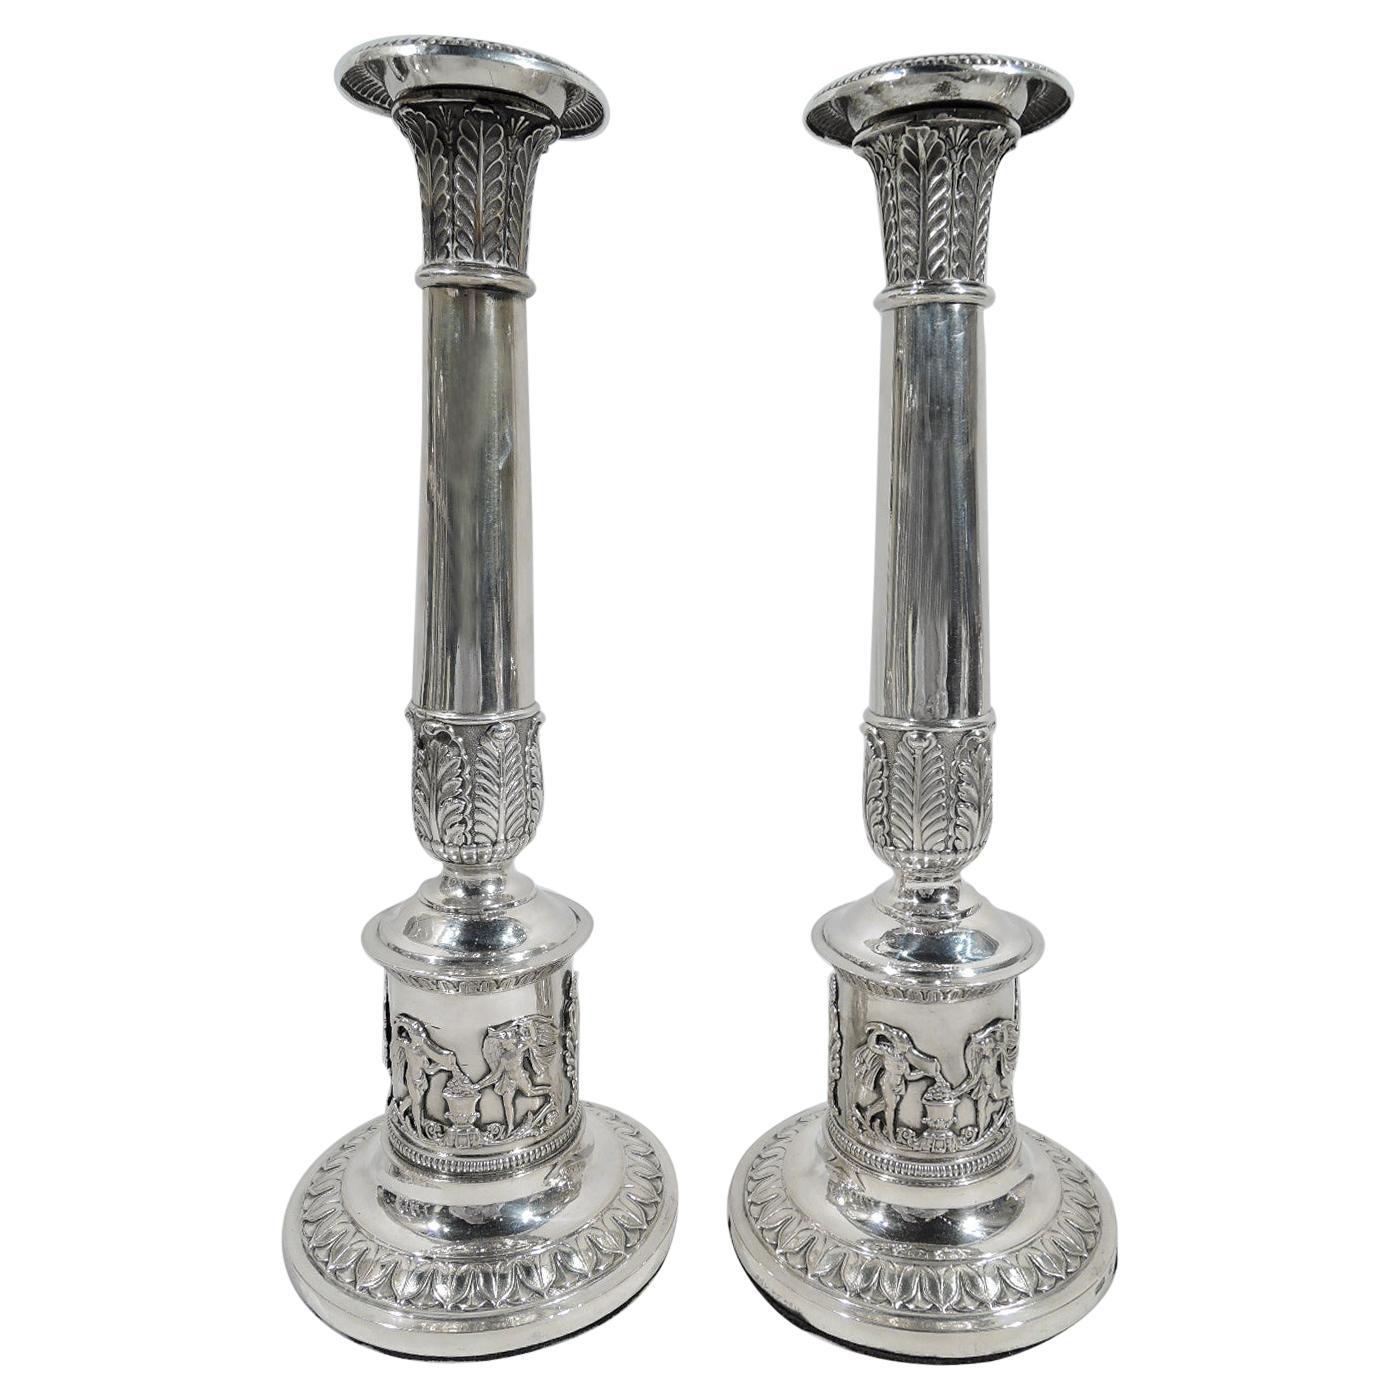 Pair of German Biedermeier Classical Silver Candlesticks